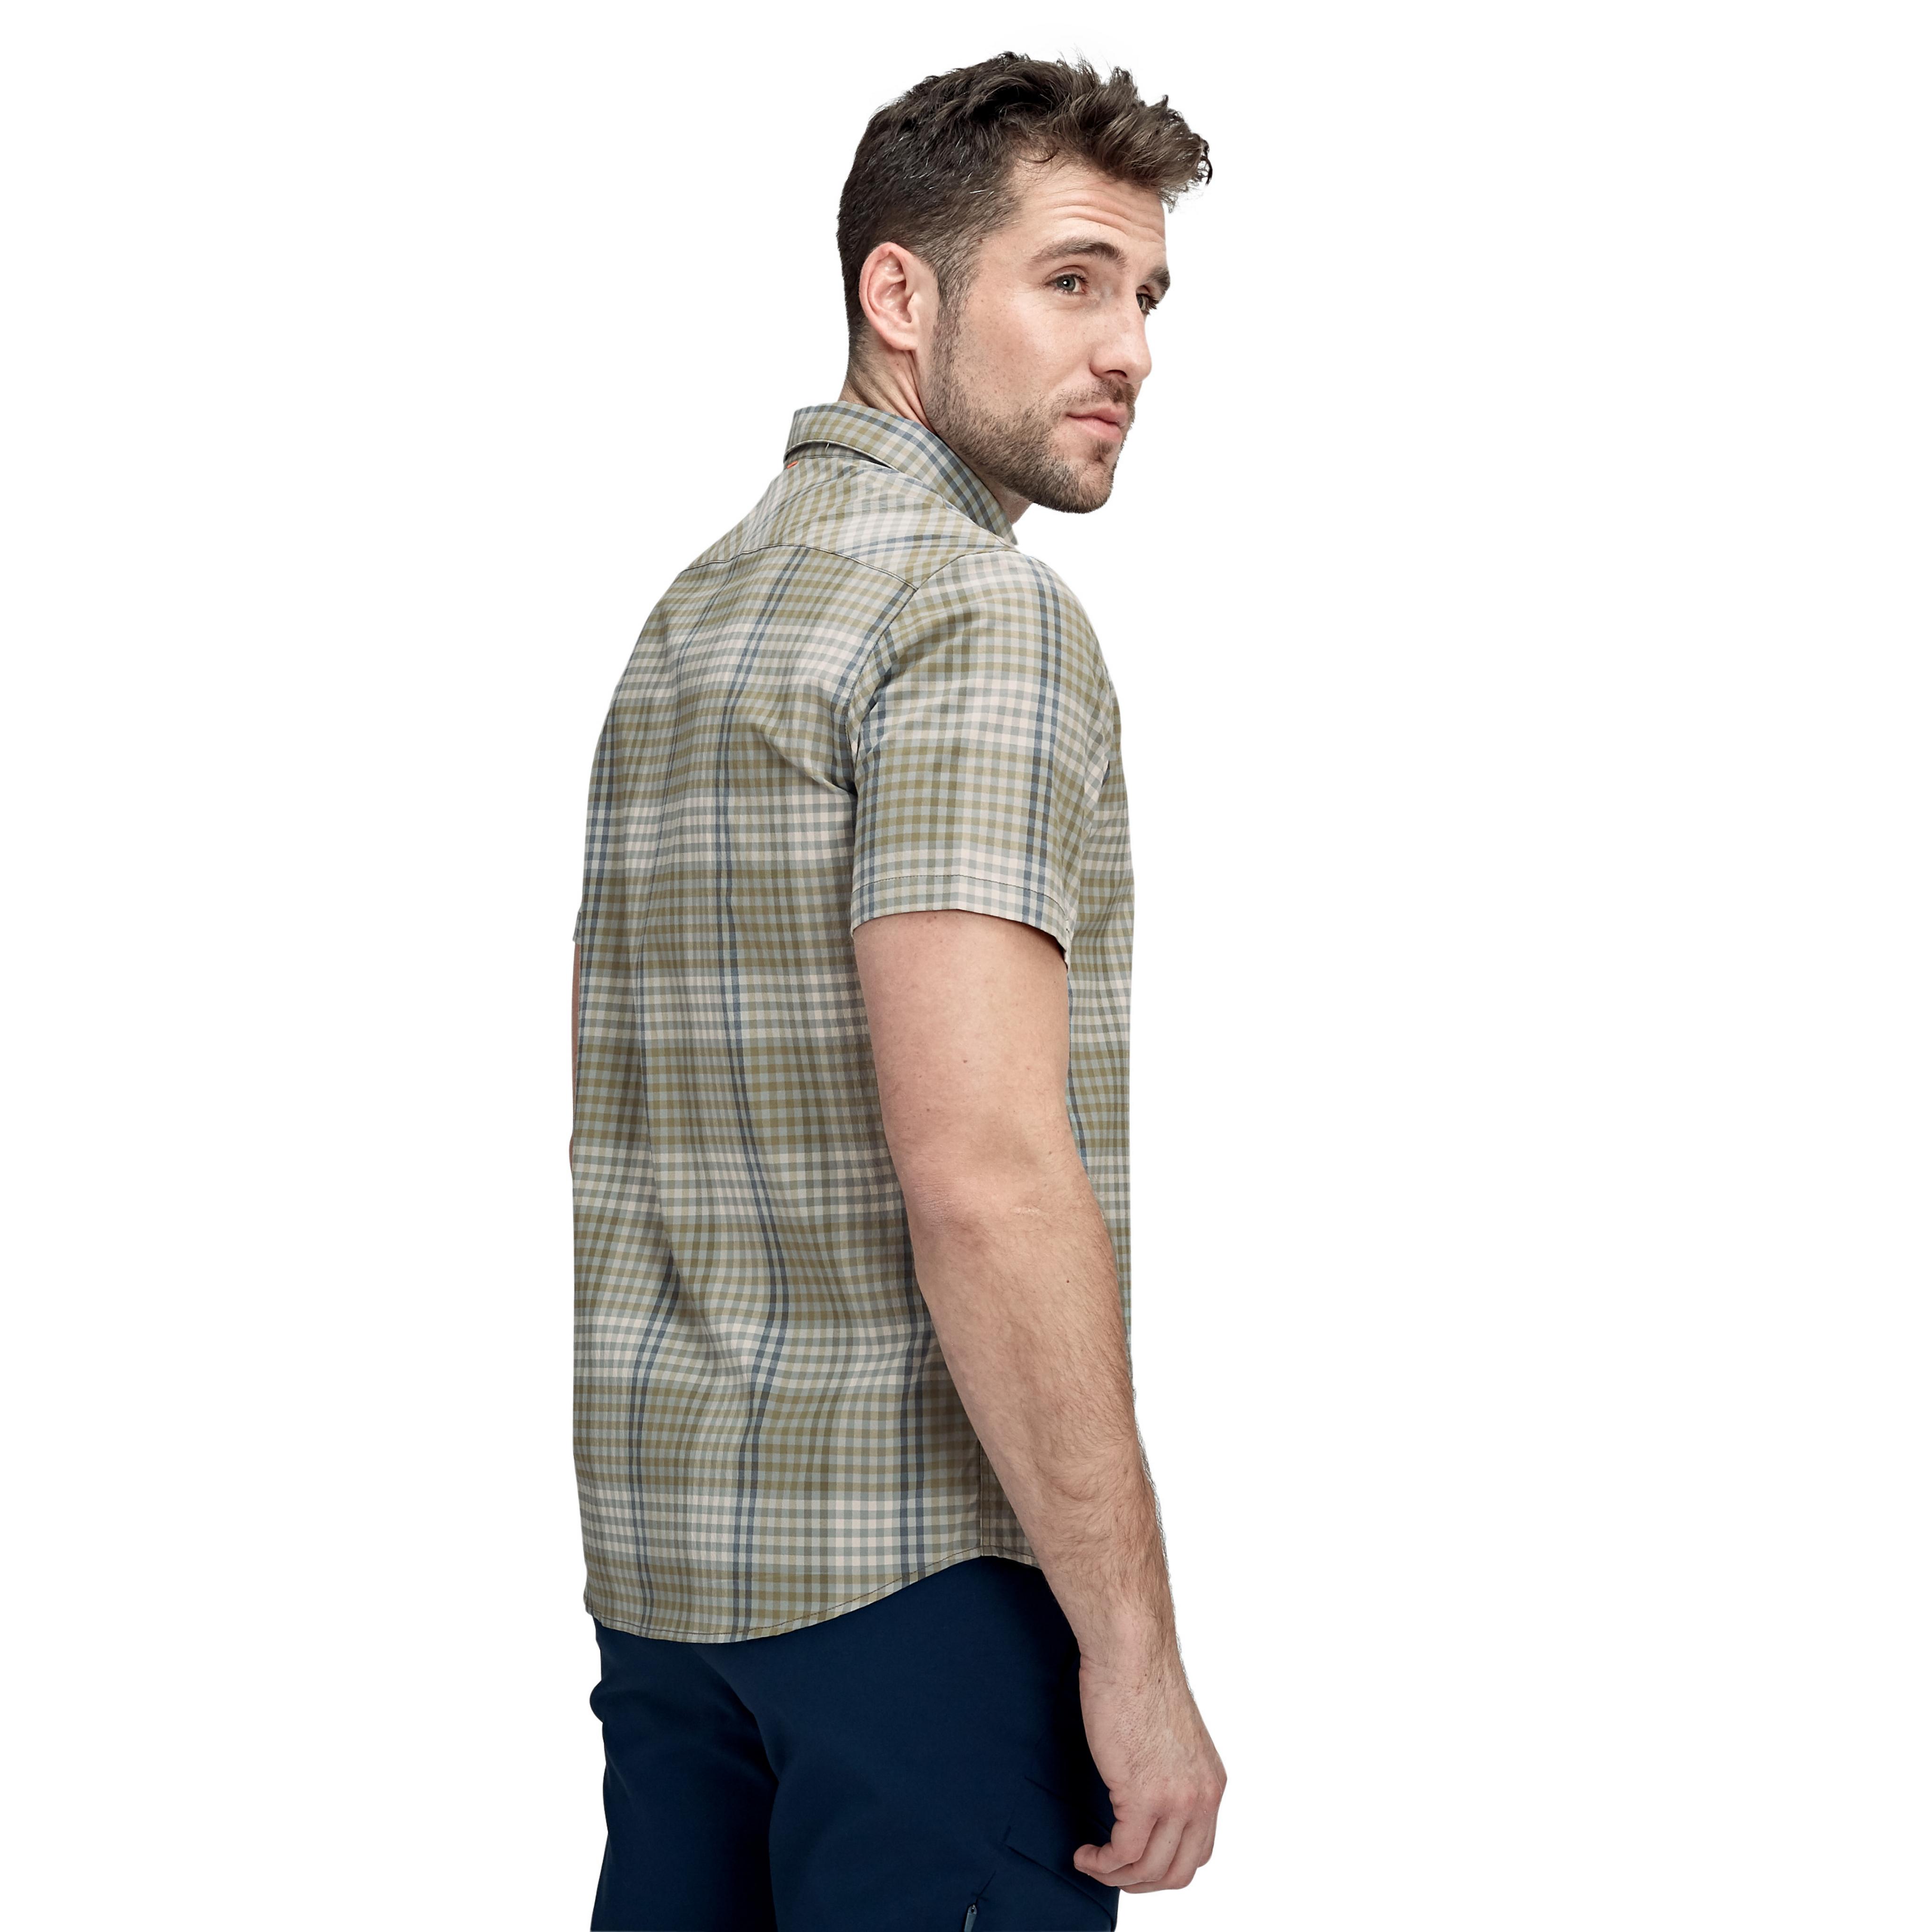 Calanca Shirt Men product image